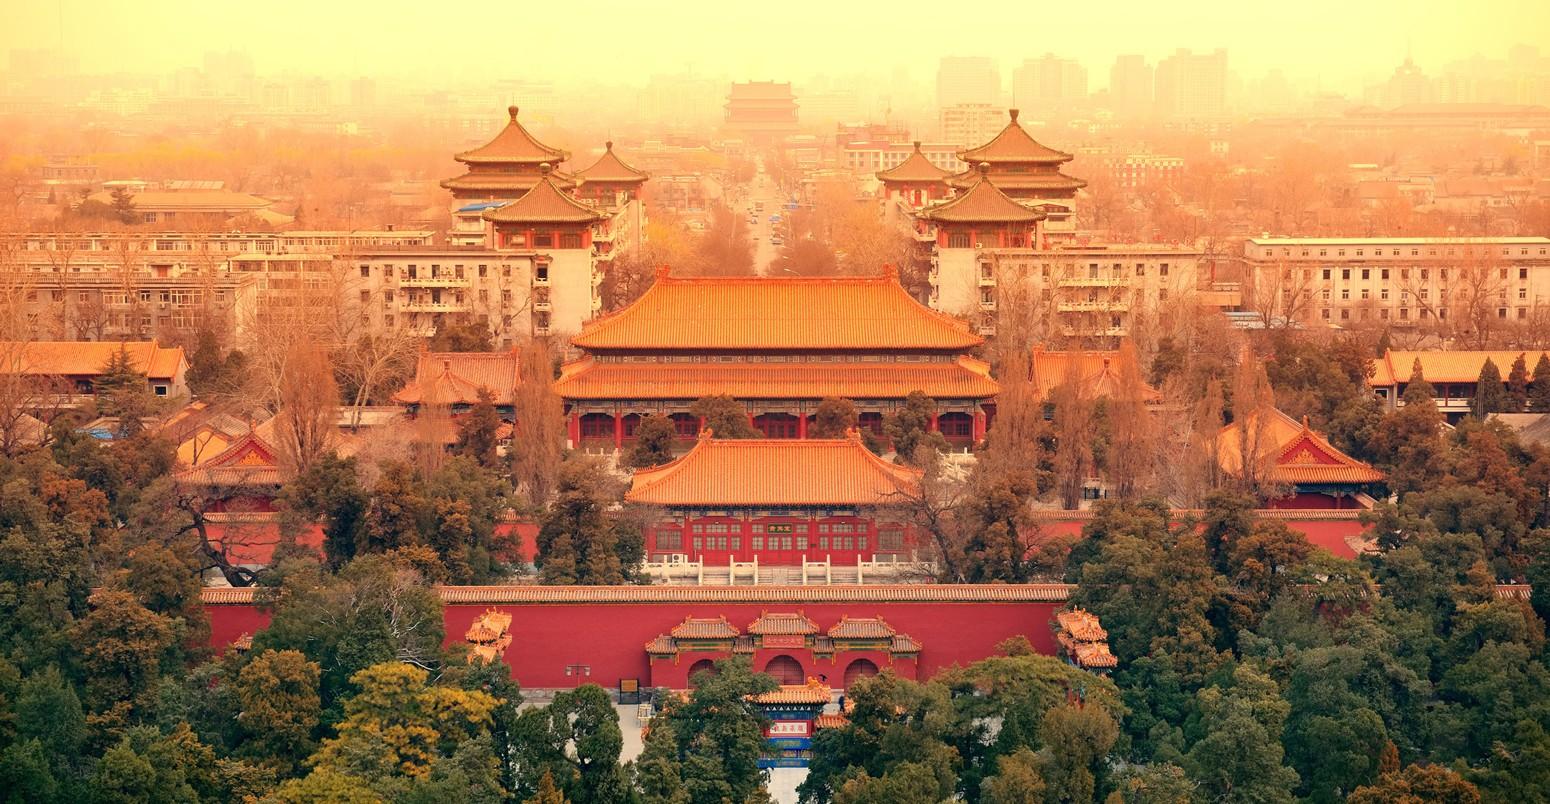 Kinh nghiệm du lịch Trung Quốc: Cần chuẩn bị những gì?